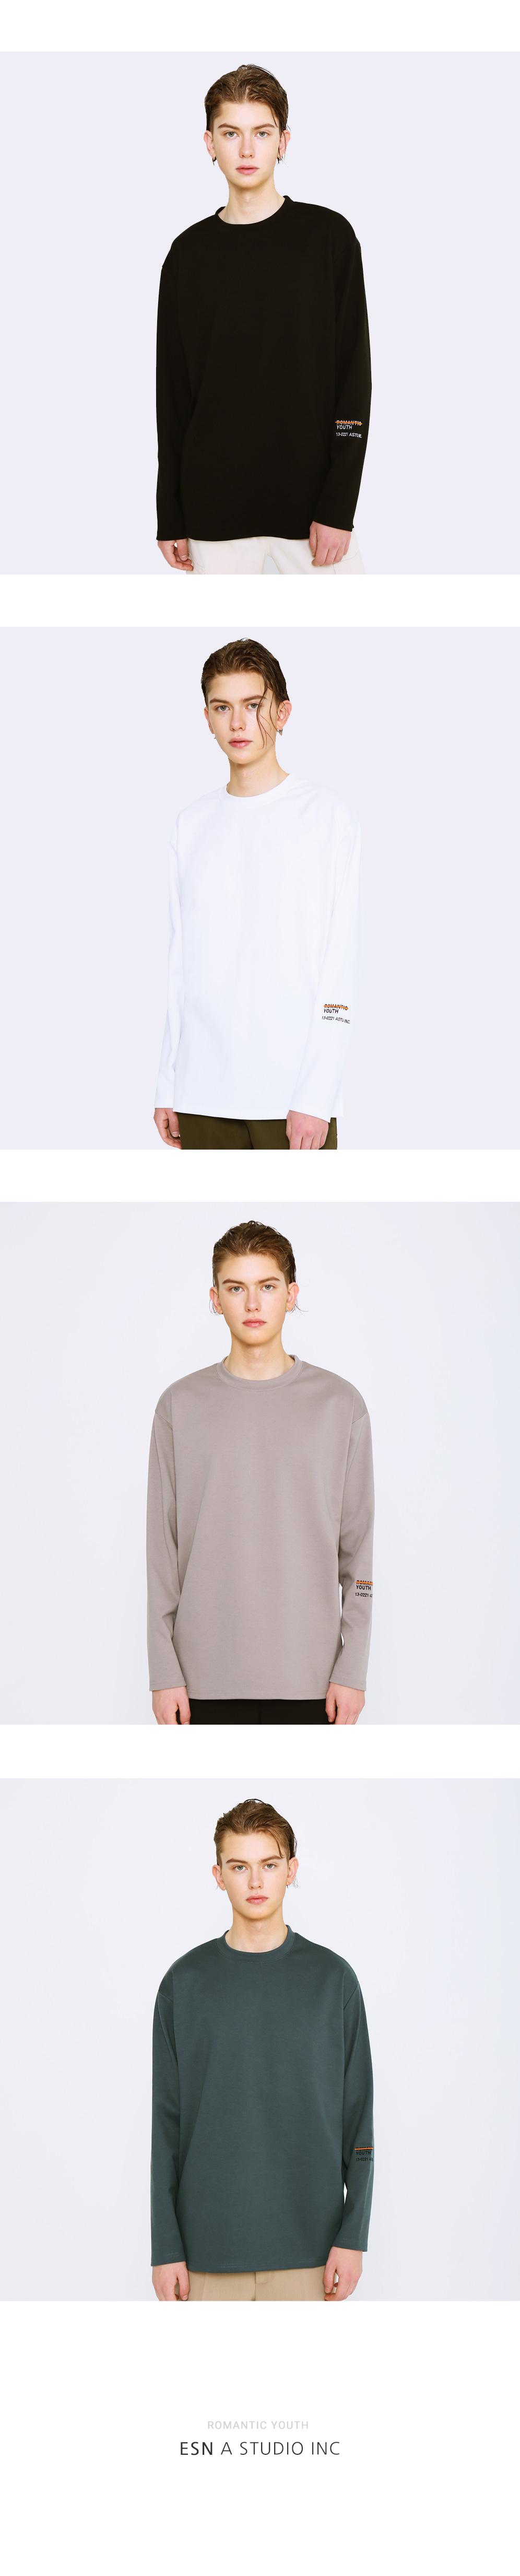 니들 포인트 롱 슬리브 티셔츠 베이지